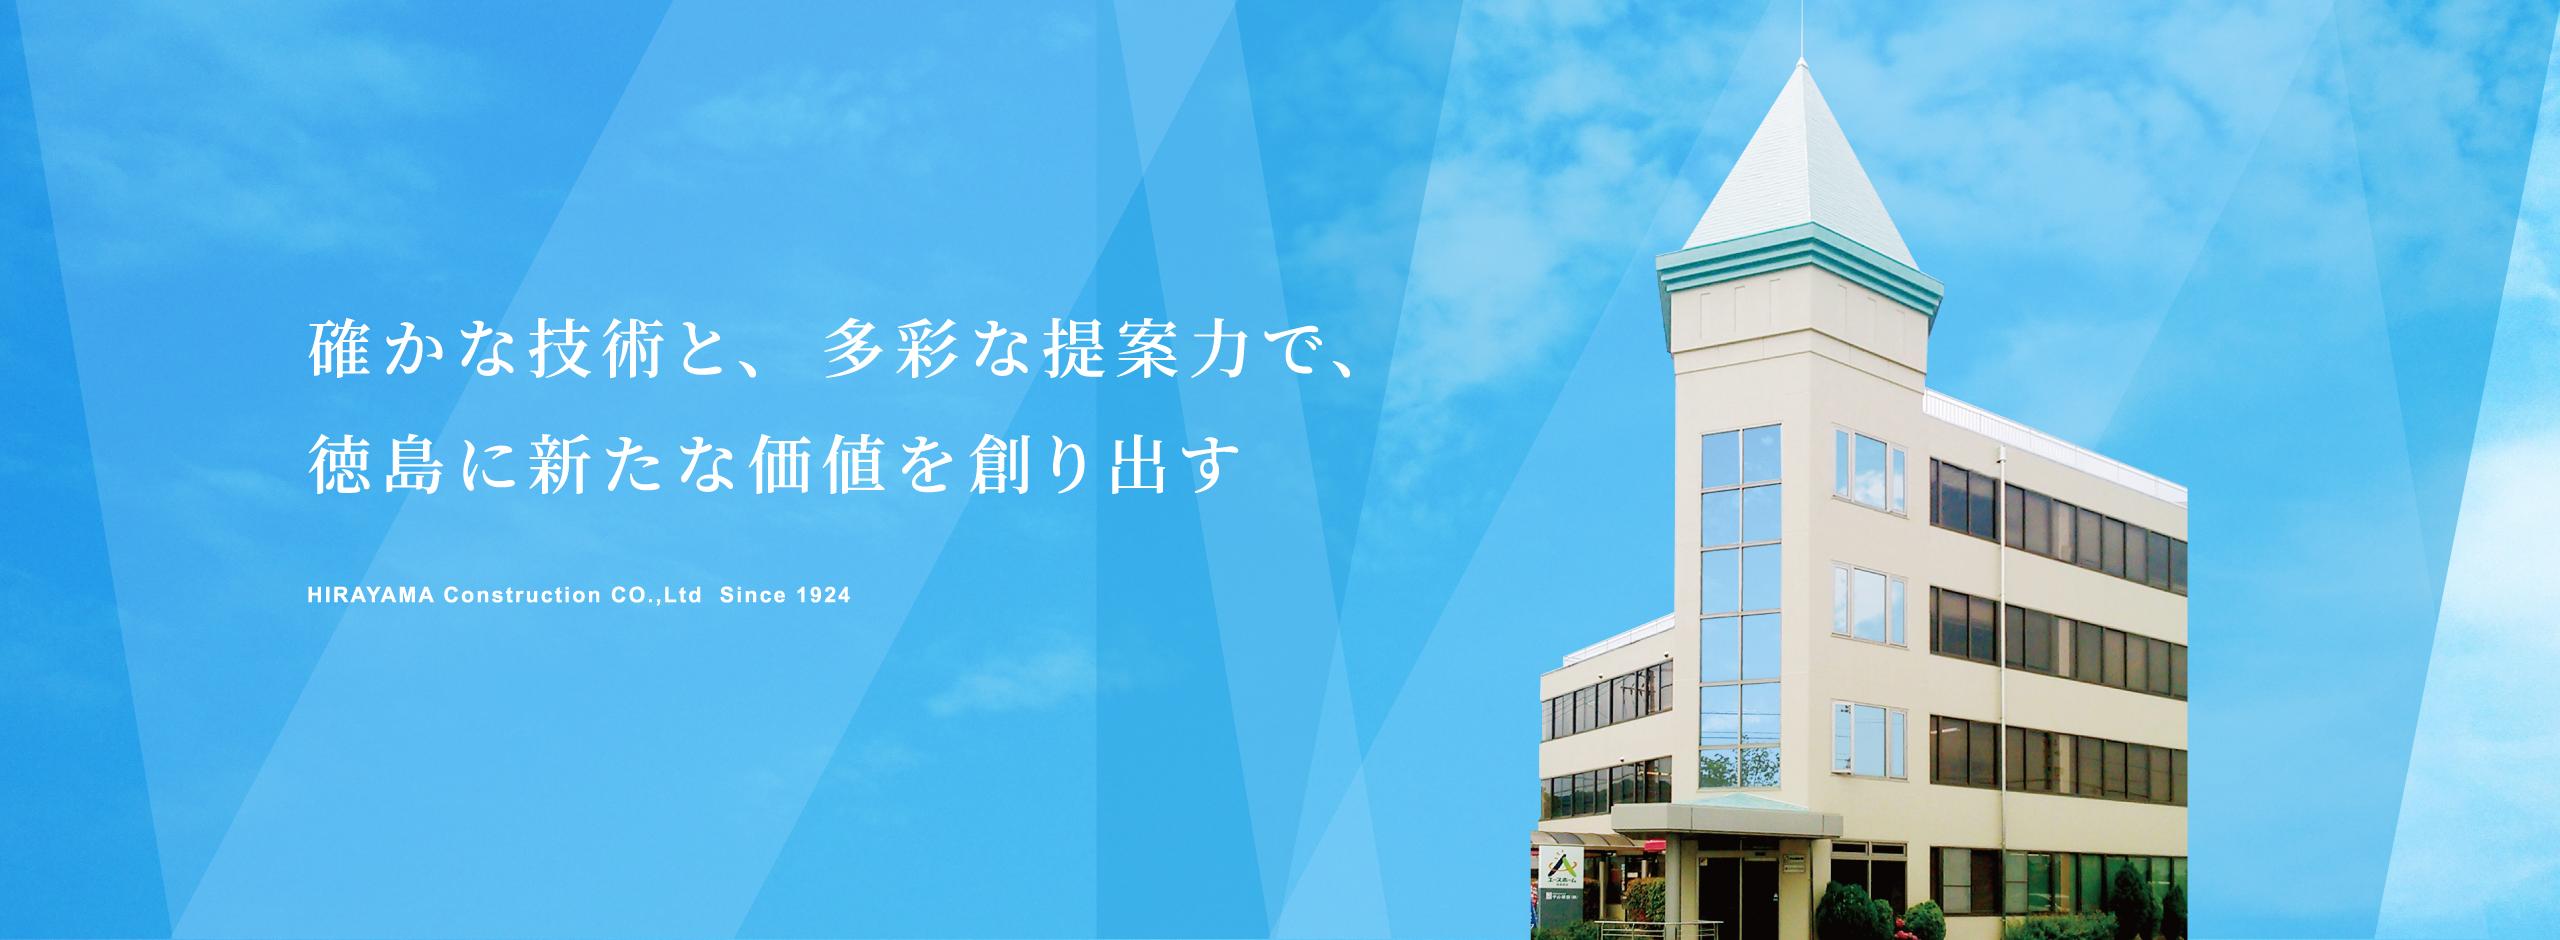 確かな技術と、多彩な提案力で、徳島に新たな価値を創り出す